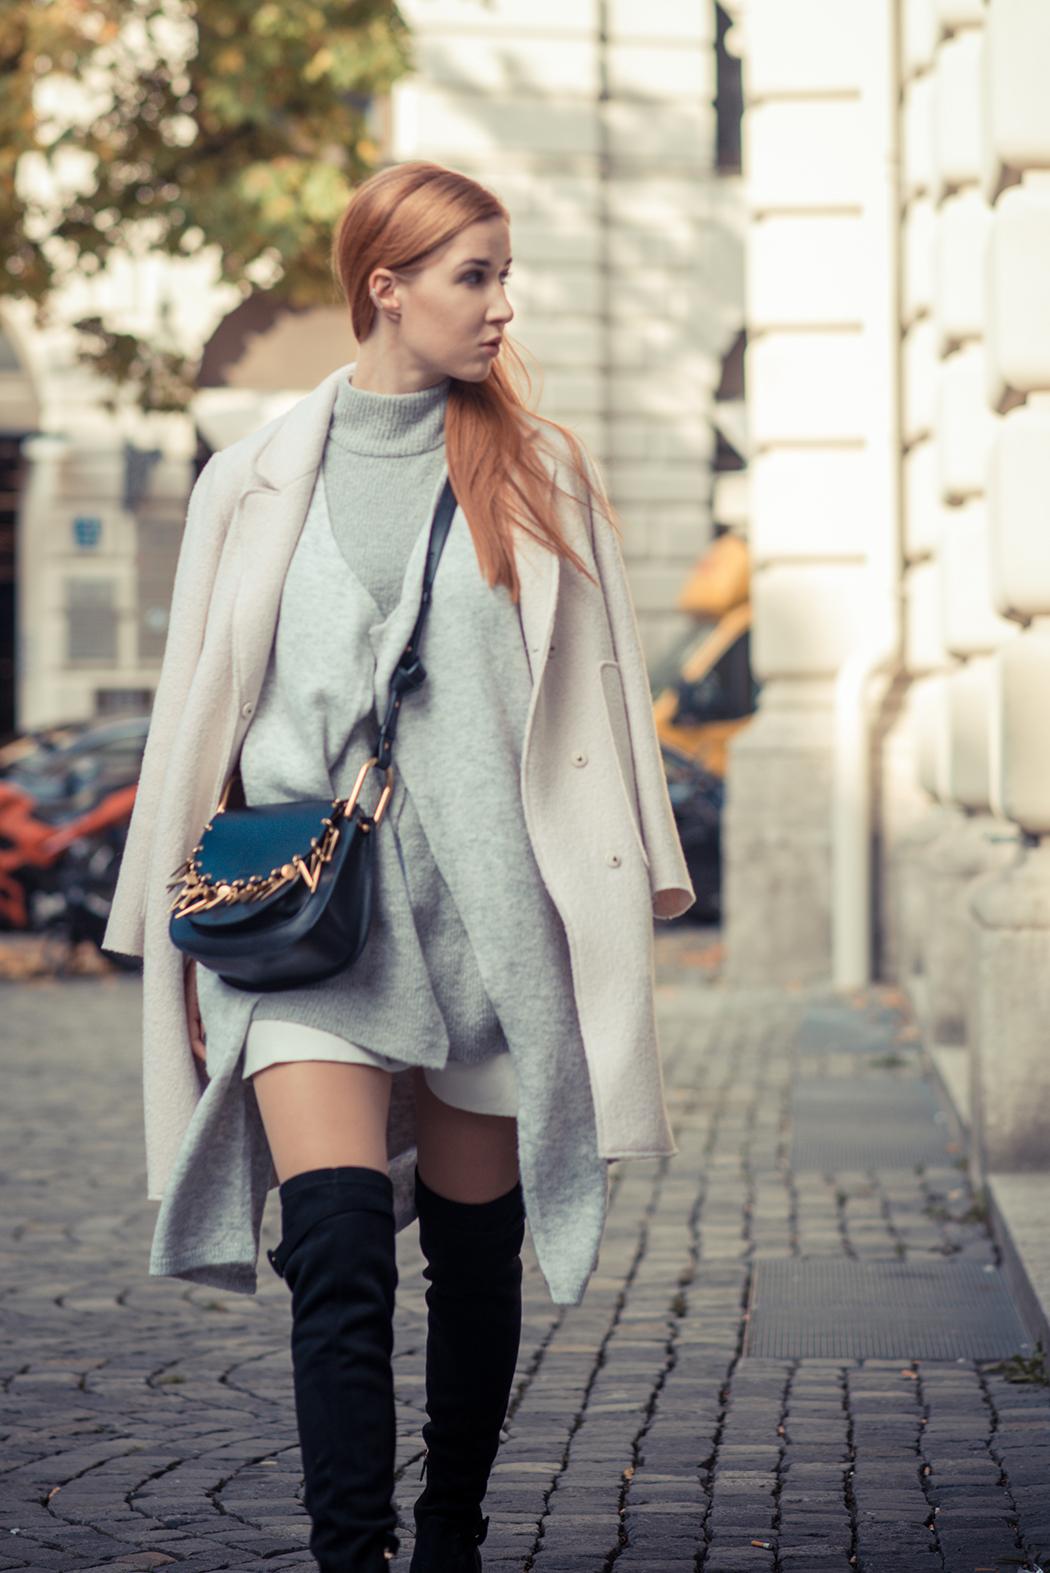 Fashionblog-Fashionblogger-Fashion-Blog-Blogger-Lifestyle-München-Deutschland-Munich-Germany-Streetstyle-Lagenlook-Chloe-Hudson-Embellished-Overknees-schwarz-1-web